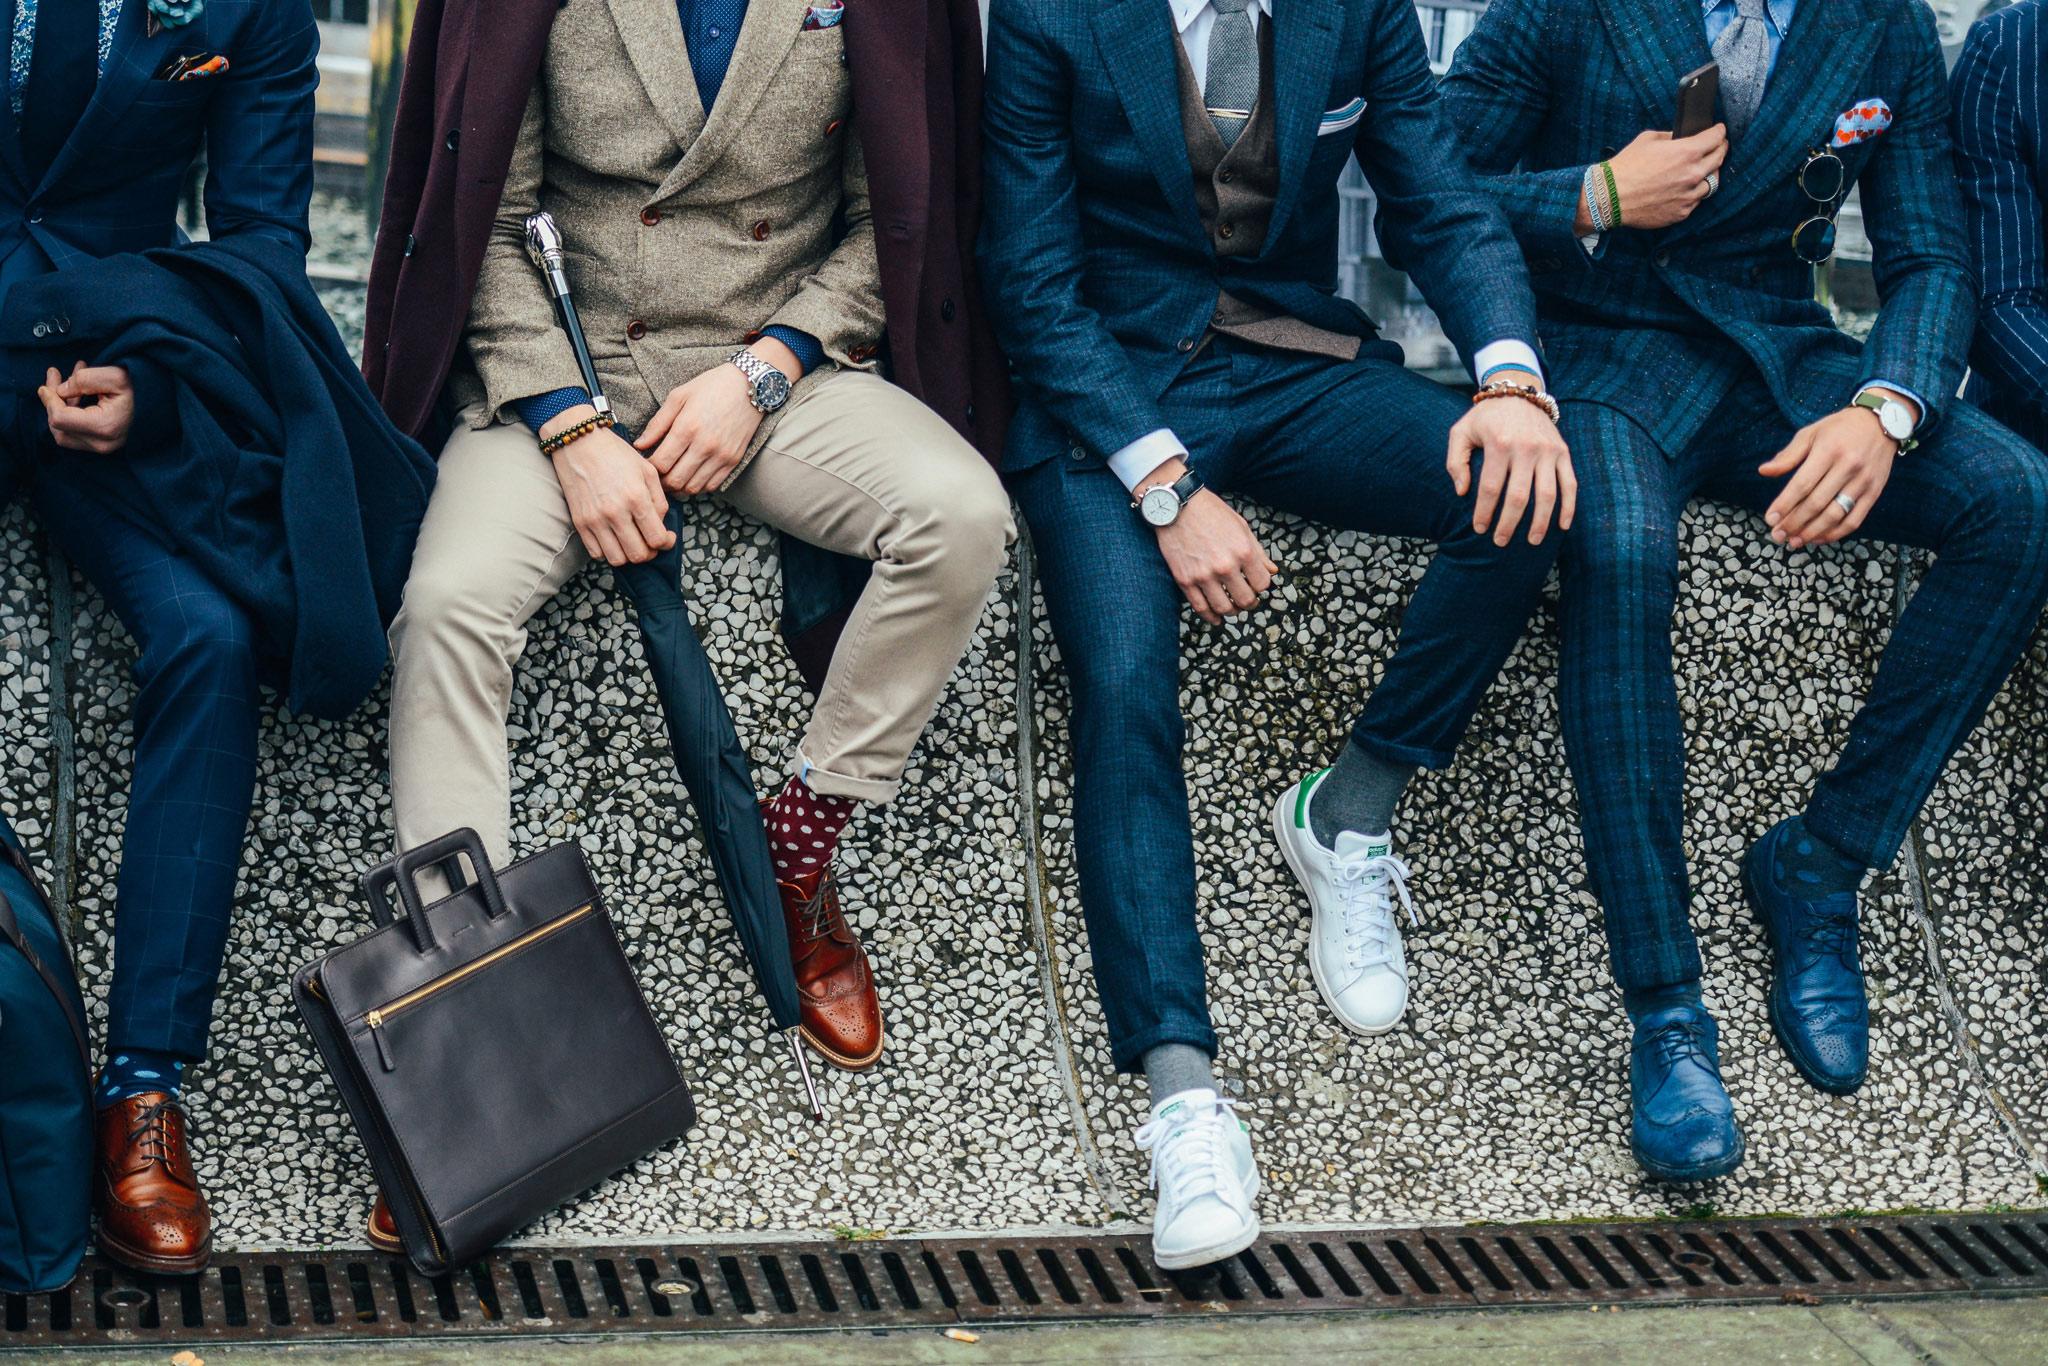 đàn ông đi giày đẹp